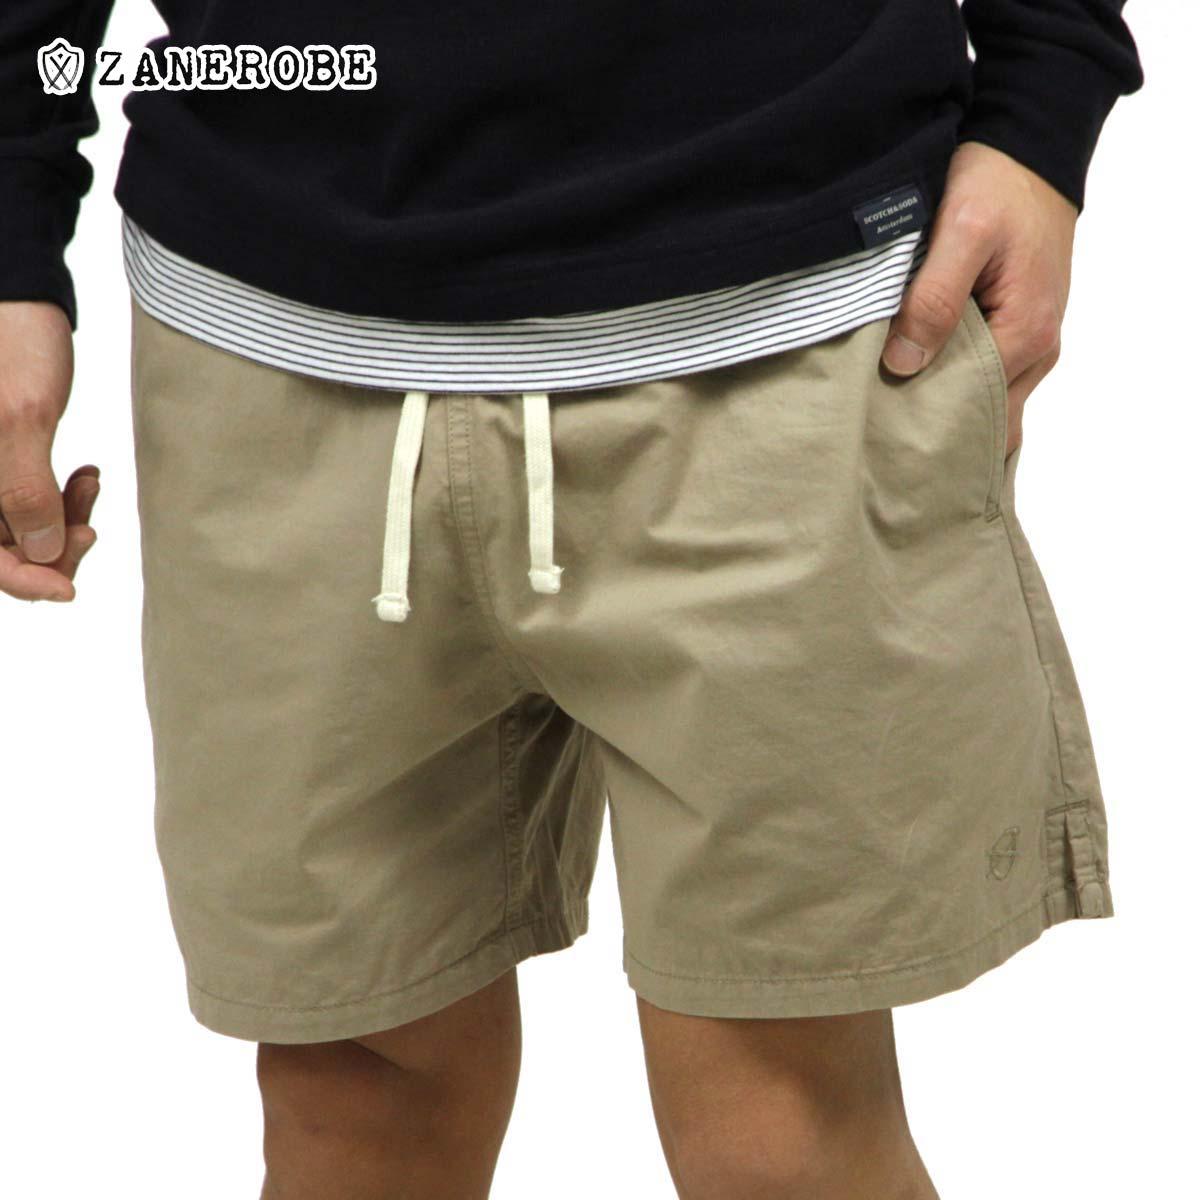 【ポイント10倍 12/19 20:00~12/26 09:59まで】 ゼンローブ ZANEROBE 正規販売店 メンズ チノ ショートパンツ ZEPHYR CHINO SHORT PANTS SAND 600-MET